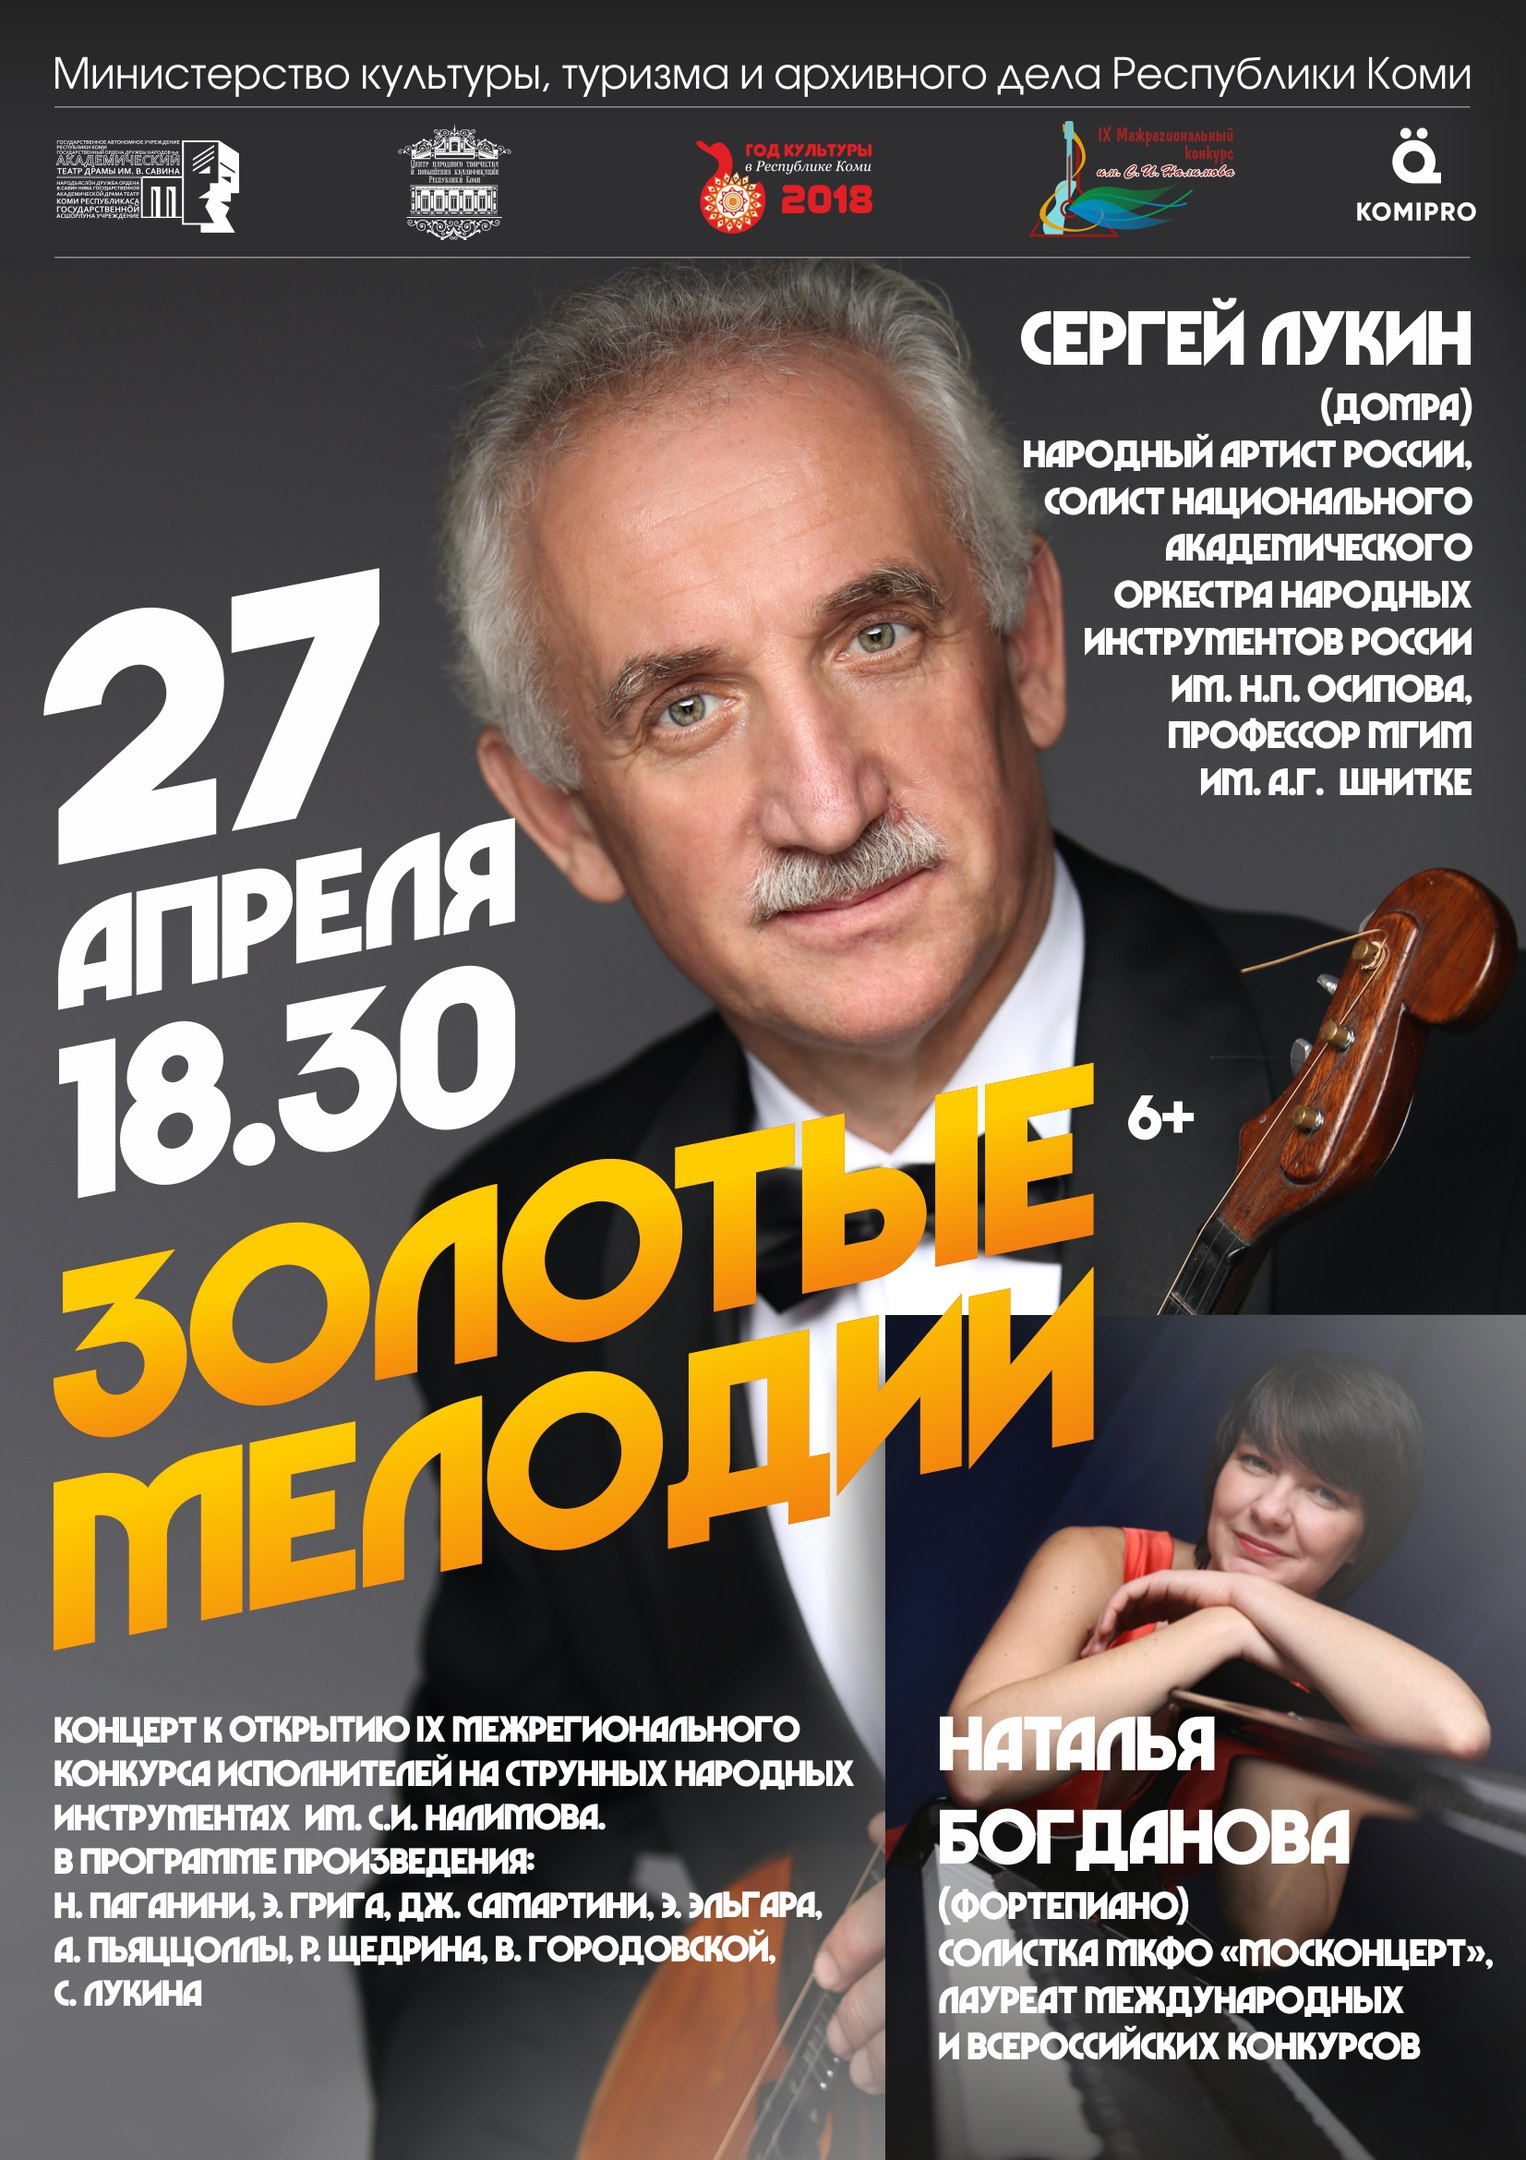 концерт Сергея Лукина народного артиста России